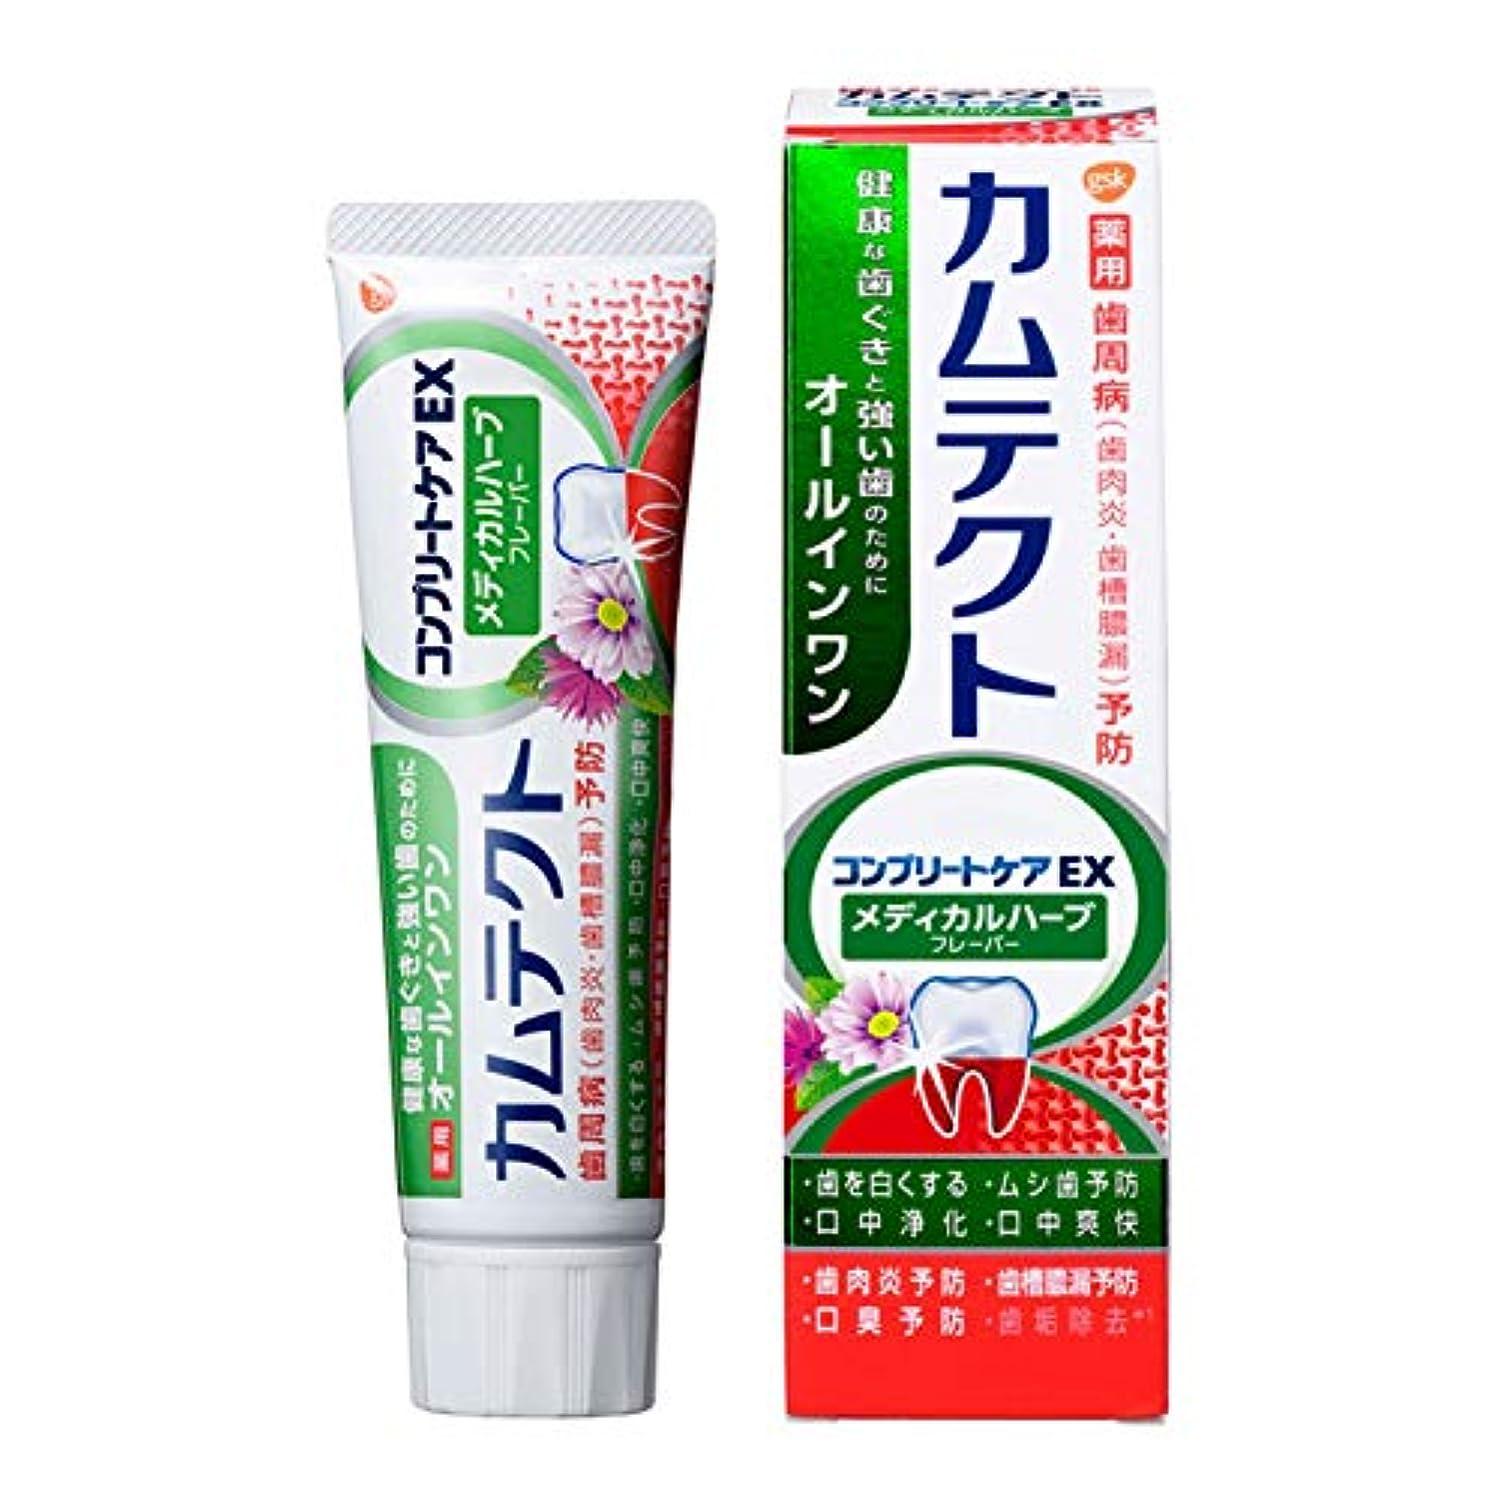 ワイド信条やろう[医薬部外品] カムテクト コンプリートケアEX メディカルハーブフレーバー 歯磨き粉 105g 1個